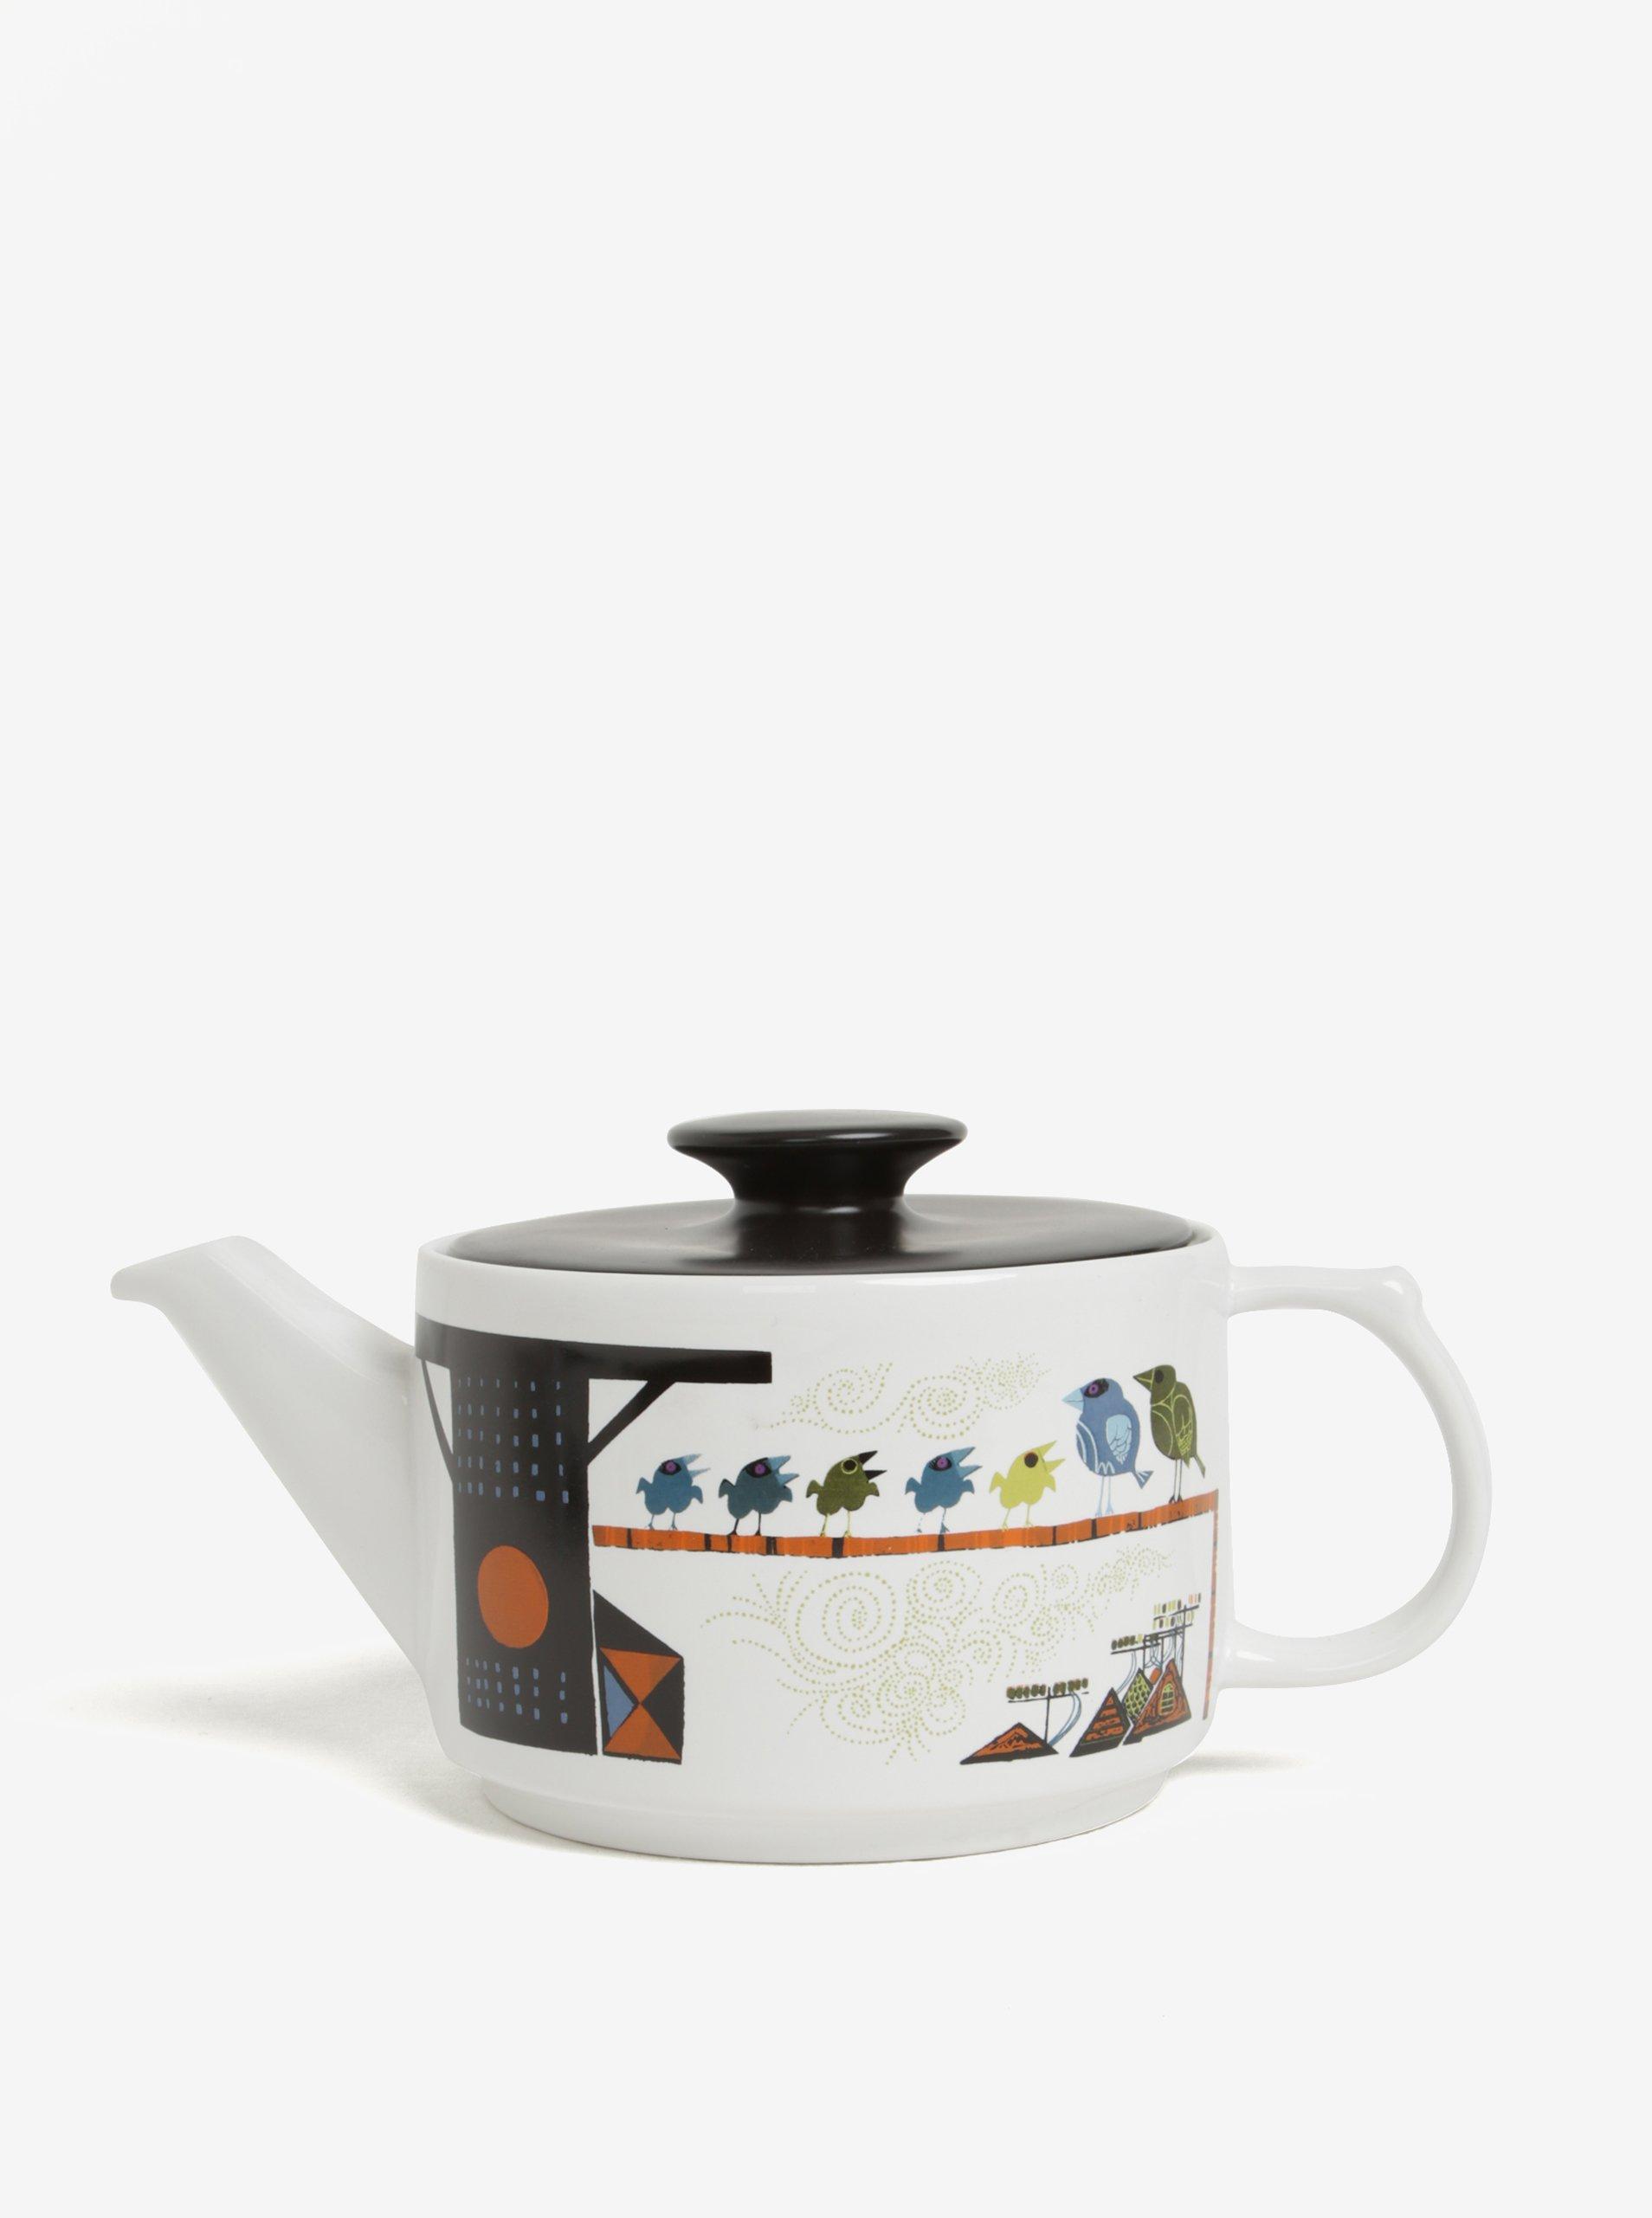 Bílá čajová konvice s motivem ptačí rodiny Magpie Family of Birds